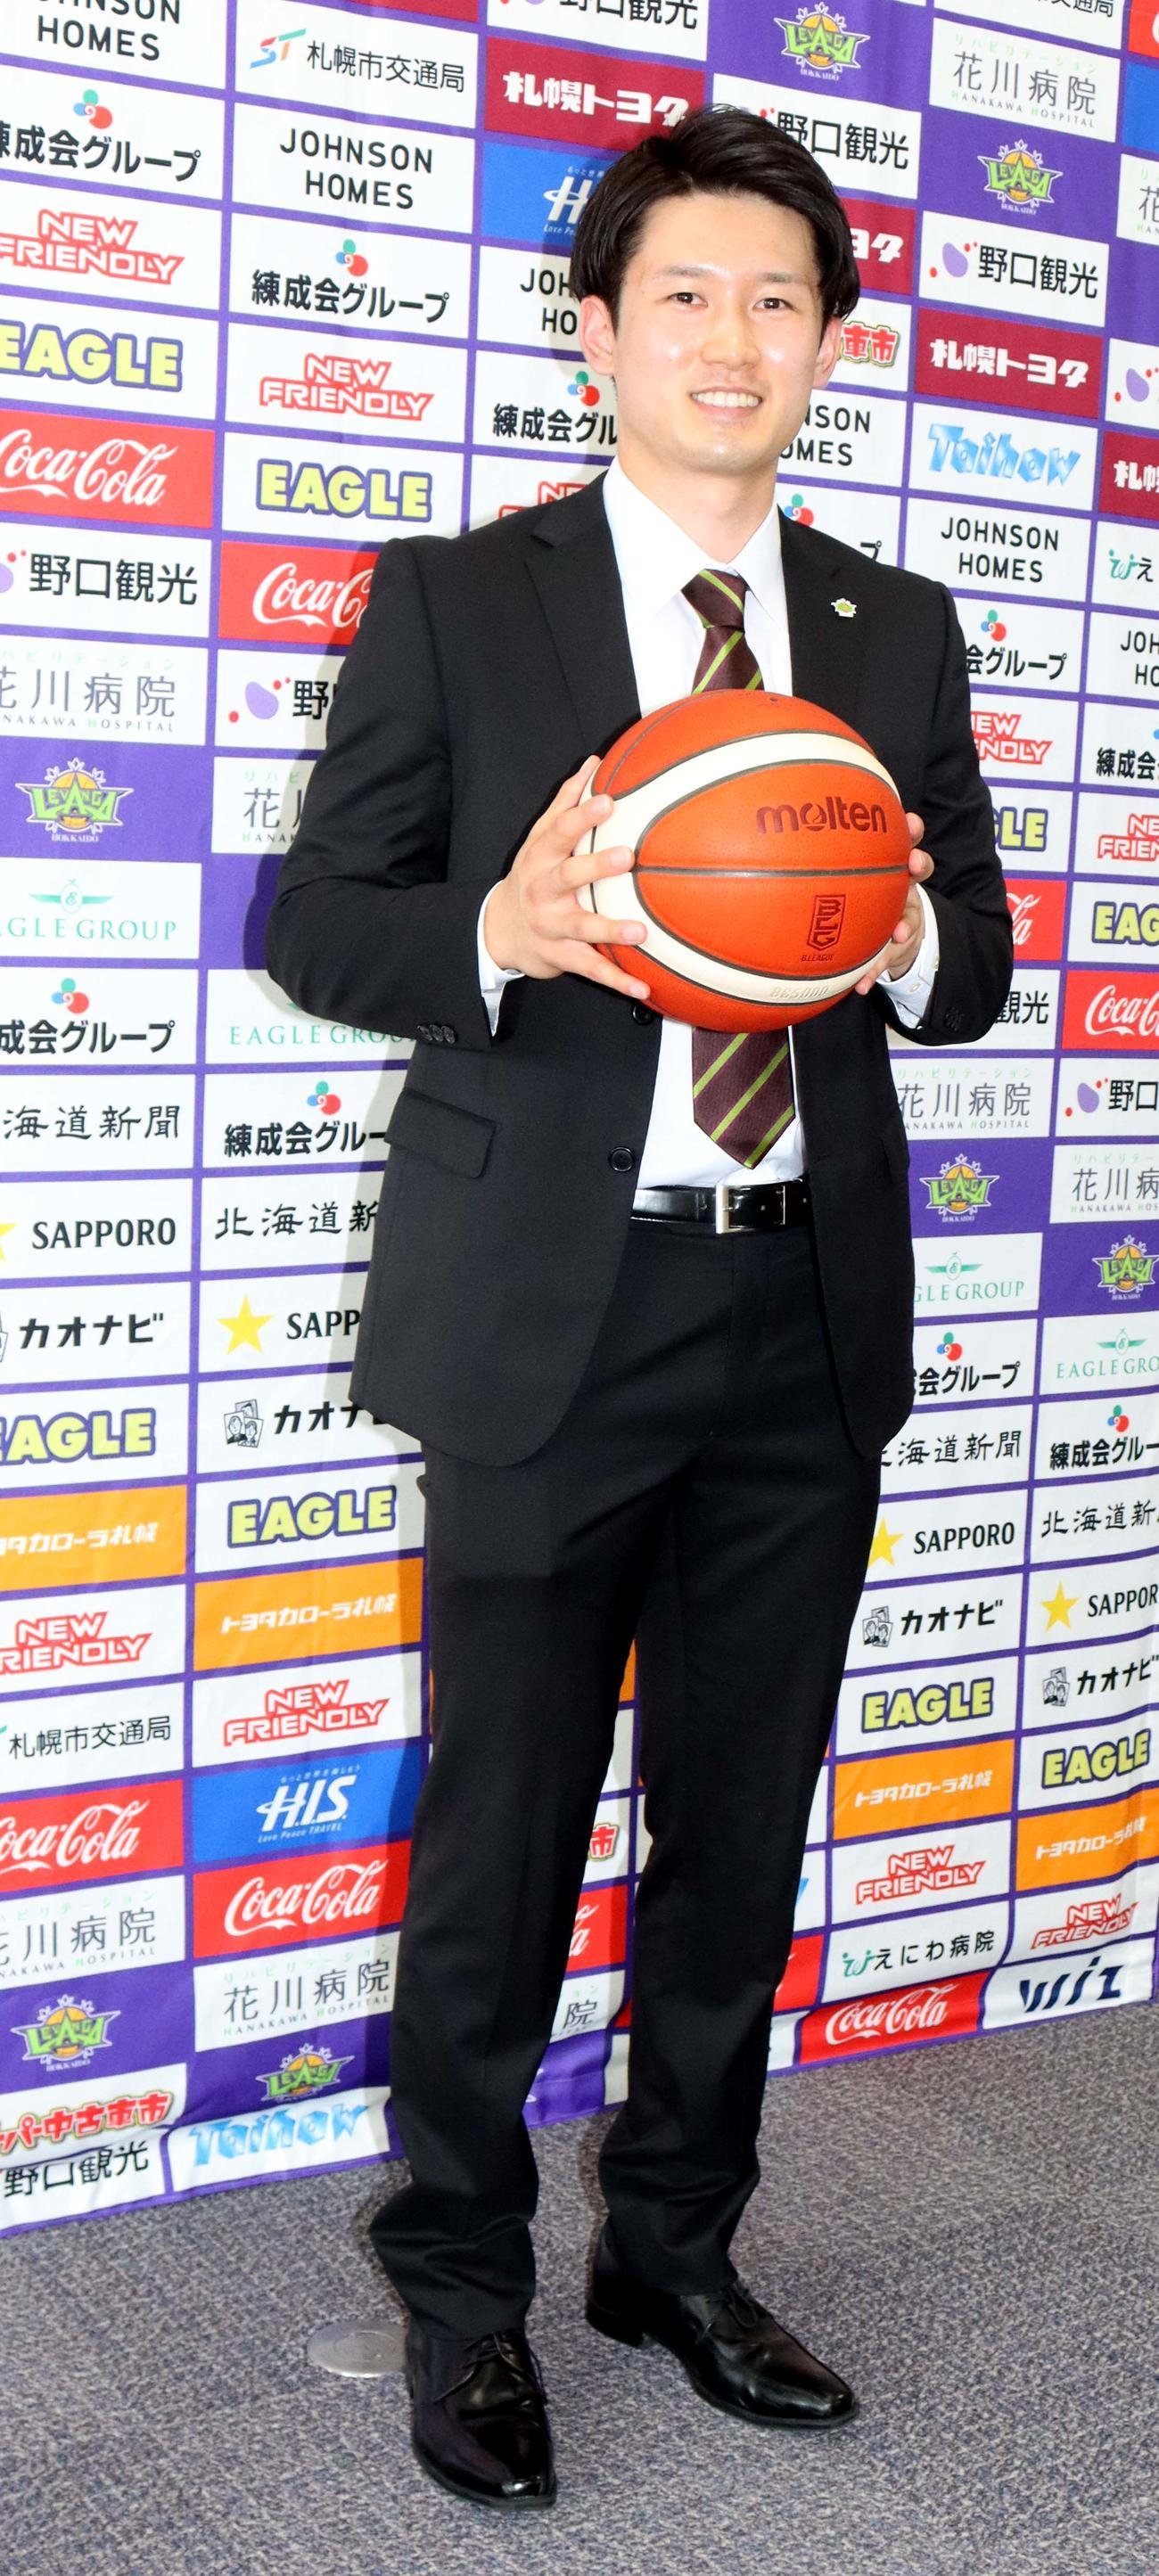 会見後、笑顔でボールを持つレバンガ北海道の葛原(撮影・永野高輔)